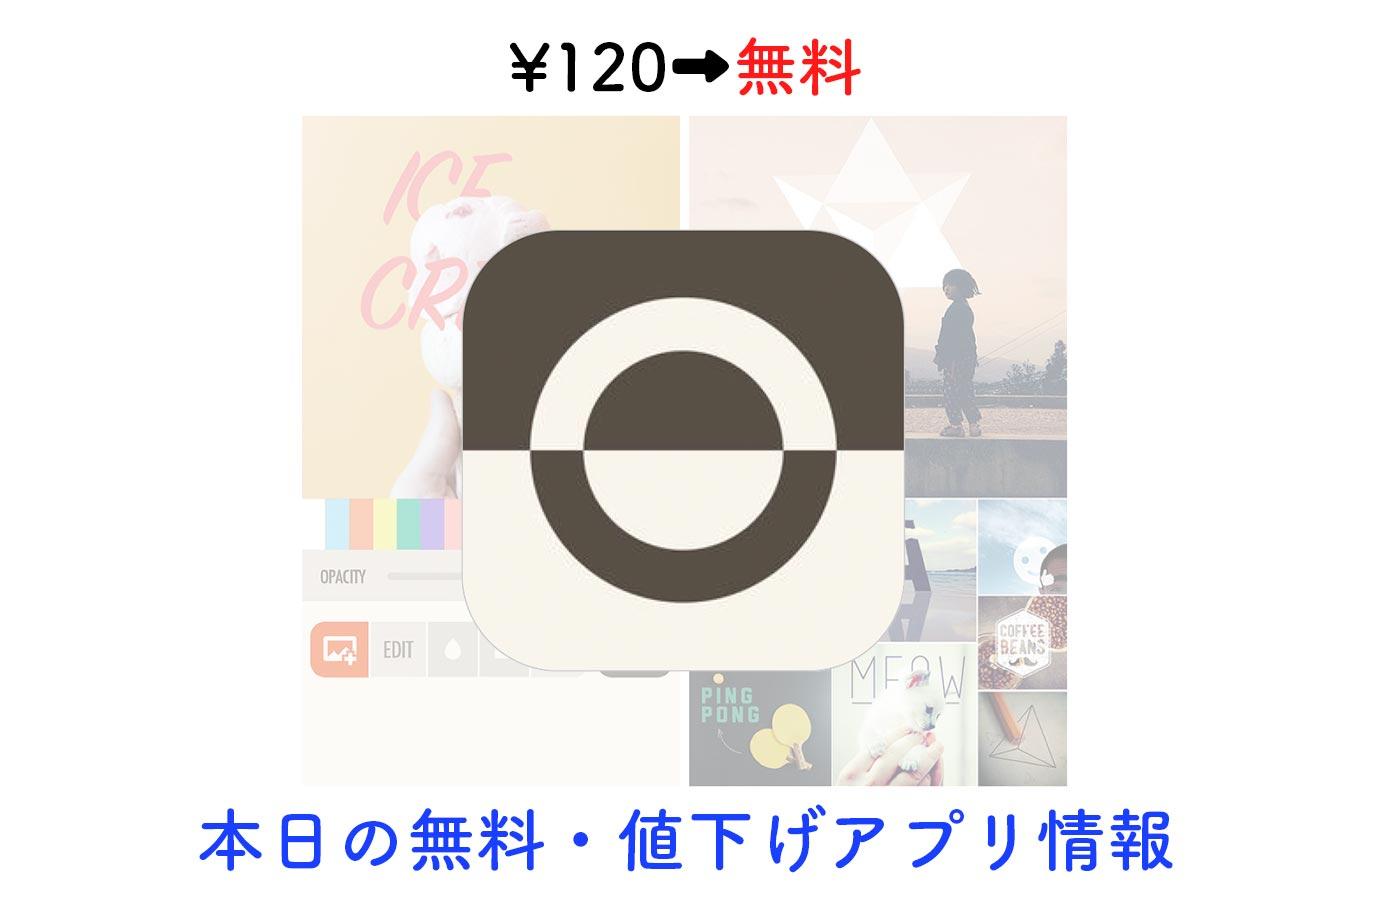 ¥120→無料、写真にオシャレな文字を入れられる加工アプリ「Fonta」など【11/9】本日の無料・値下げアプリ情報